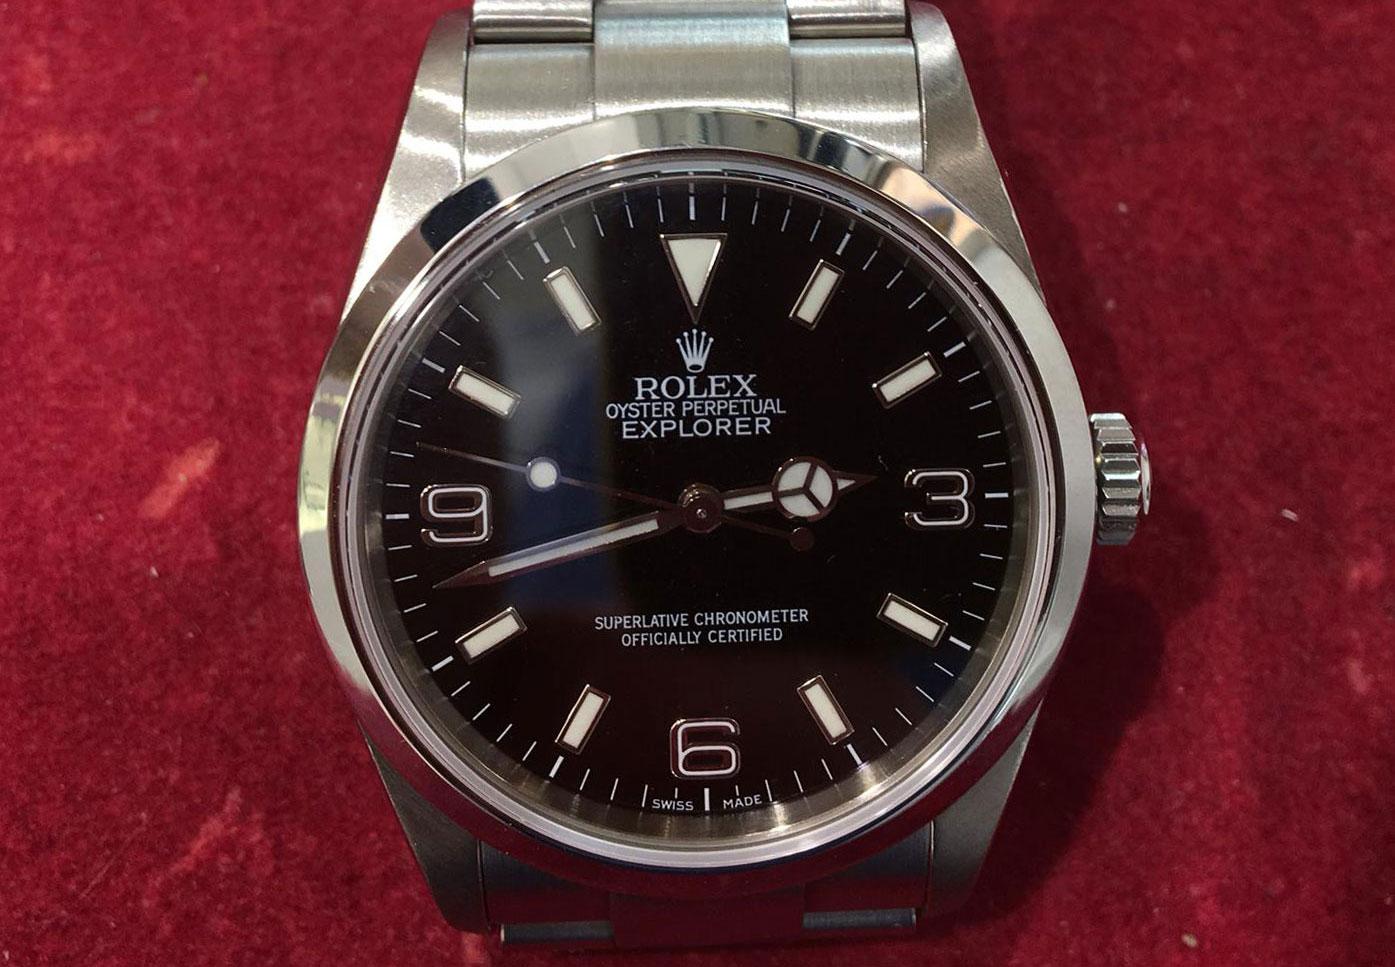 Rolex Explorer Usati Firenze: La storia di questo orologio, dall'Everest e oltre